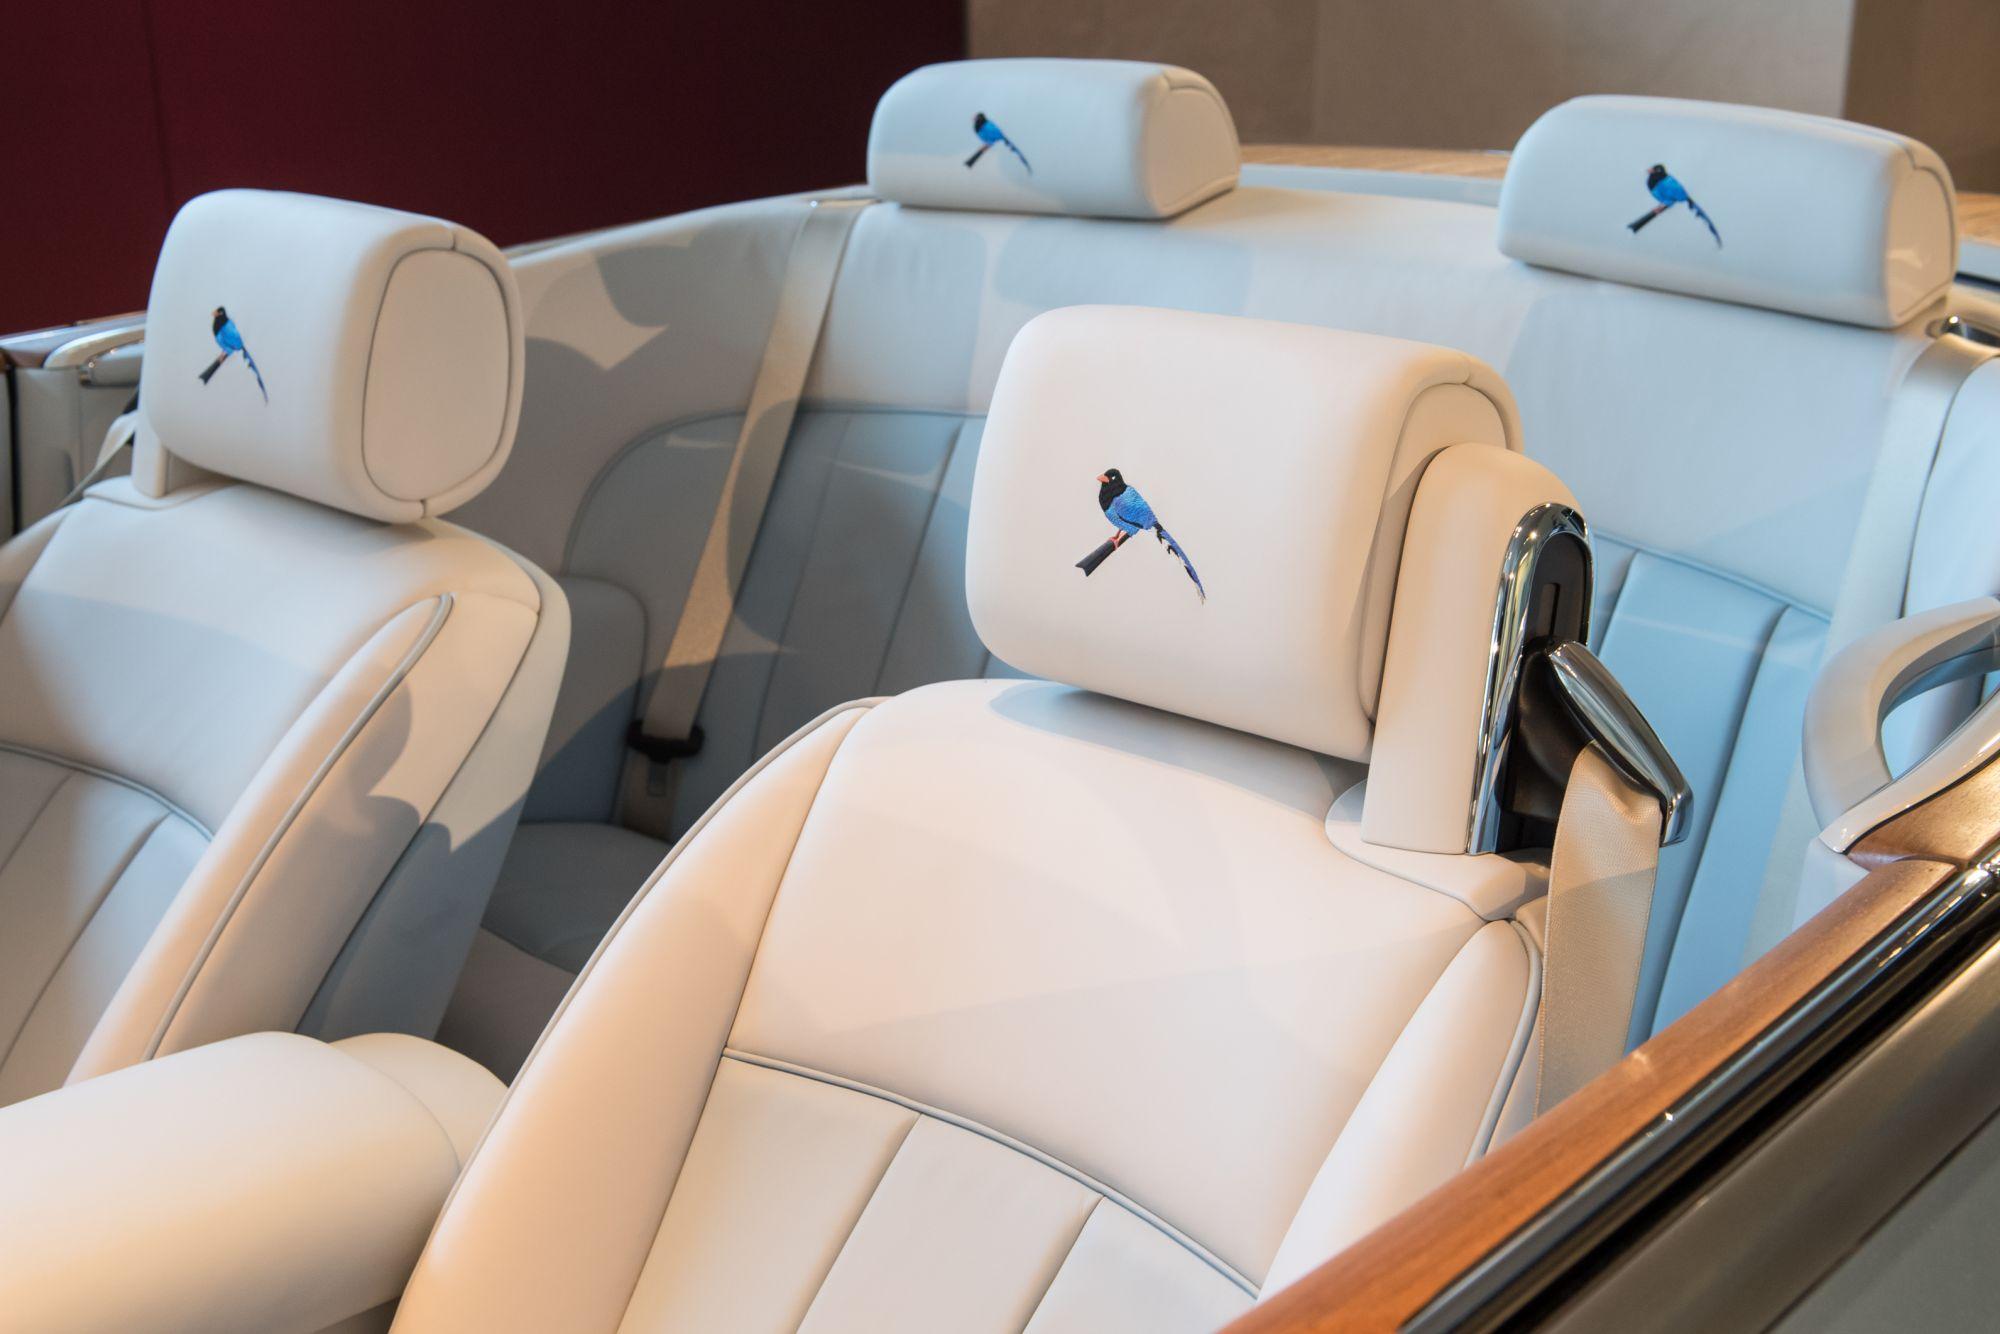 以藍鵲之名打造全球唯一!Rolls-Royce為台灣車主訂製保育款 Phantom Drophead Coupe